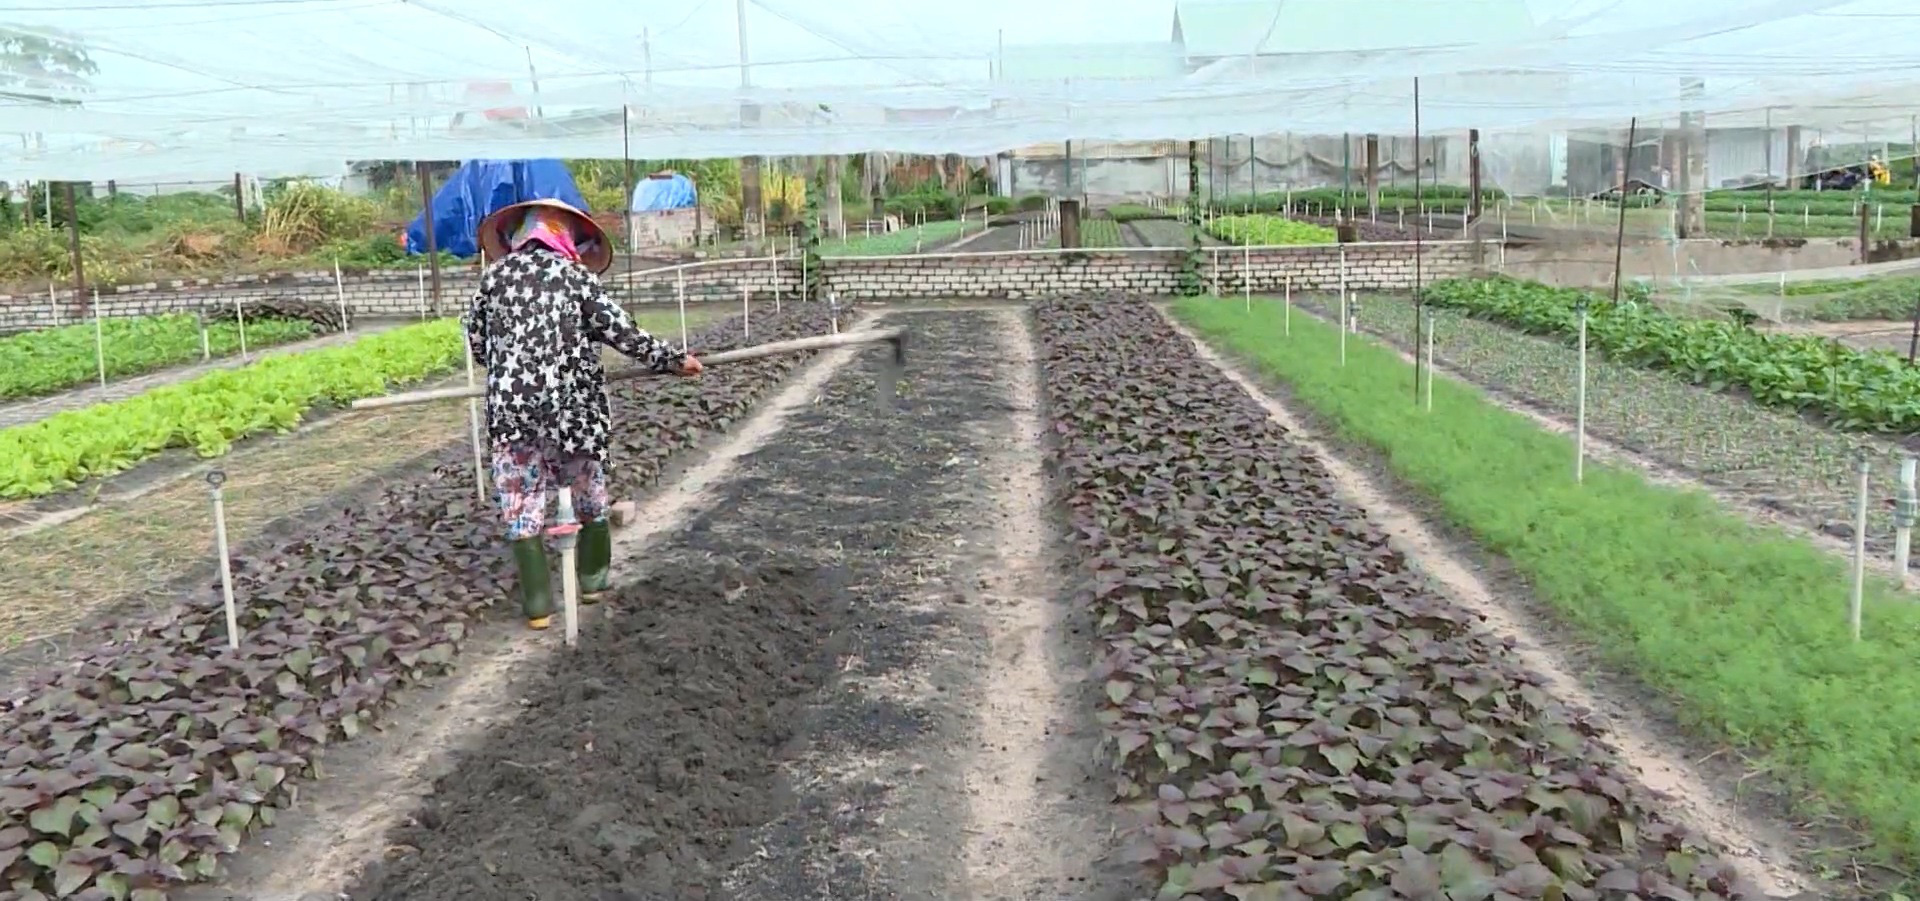 Đồng Nai: Nông dân tập trung chăm sóc rau quả phục vụ tết Nguyên đán 2021 - Ảnh 2.